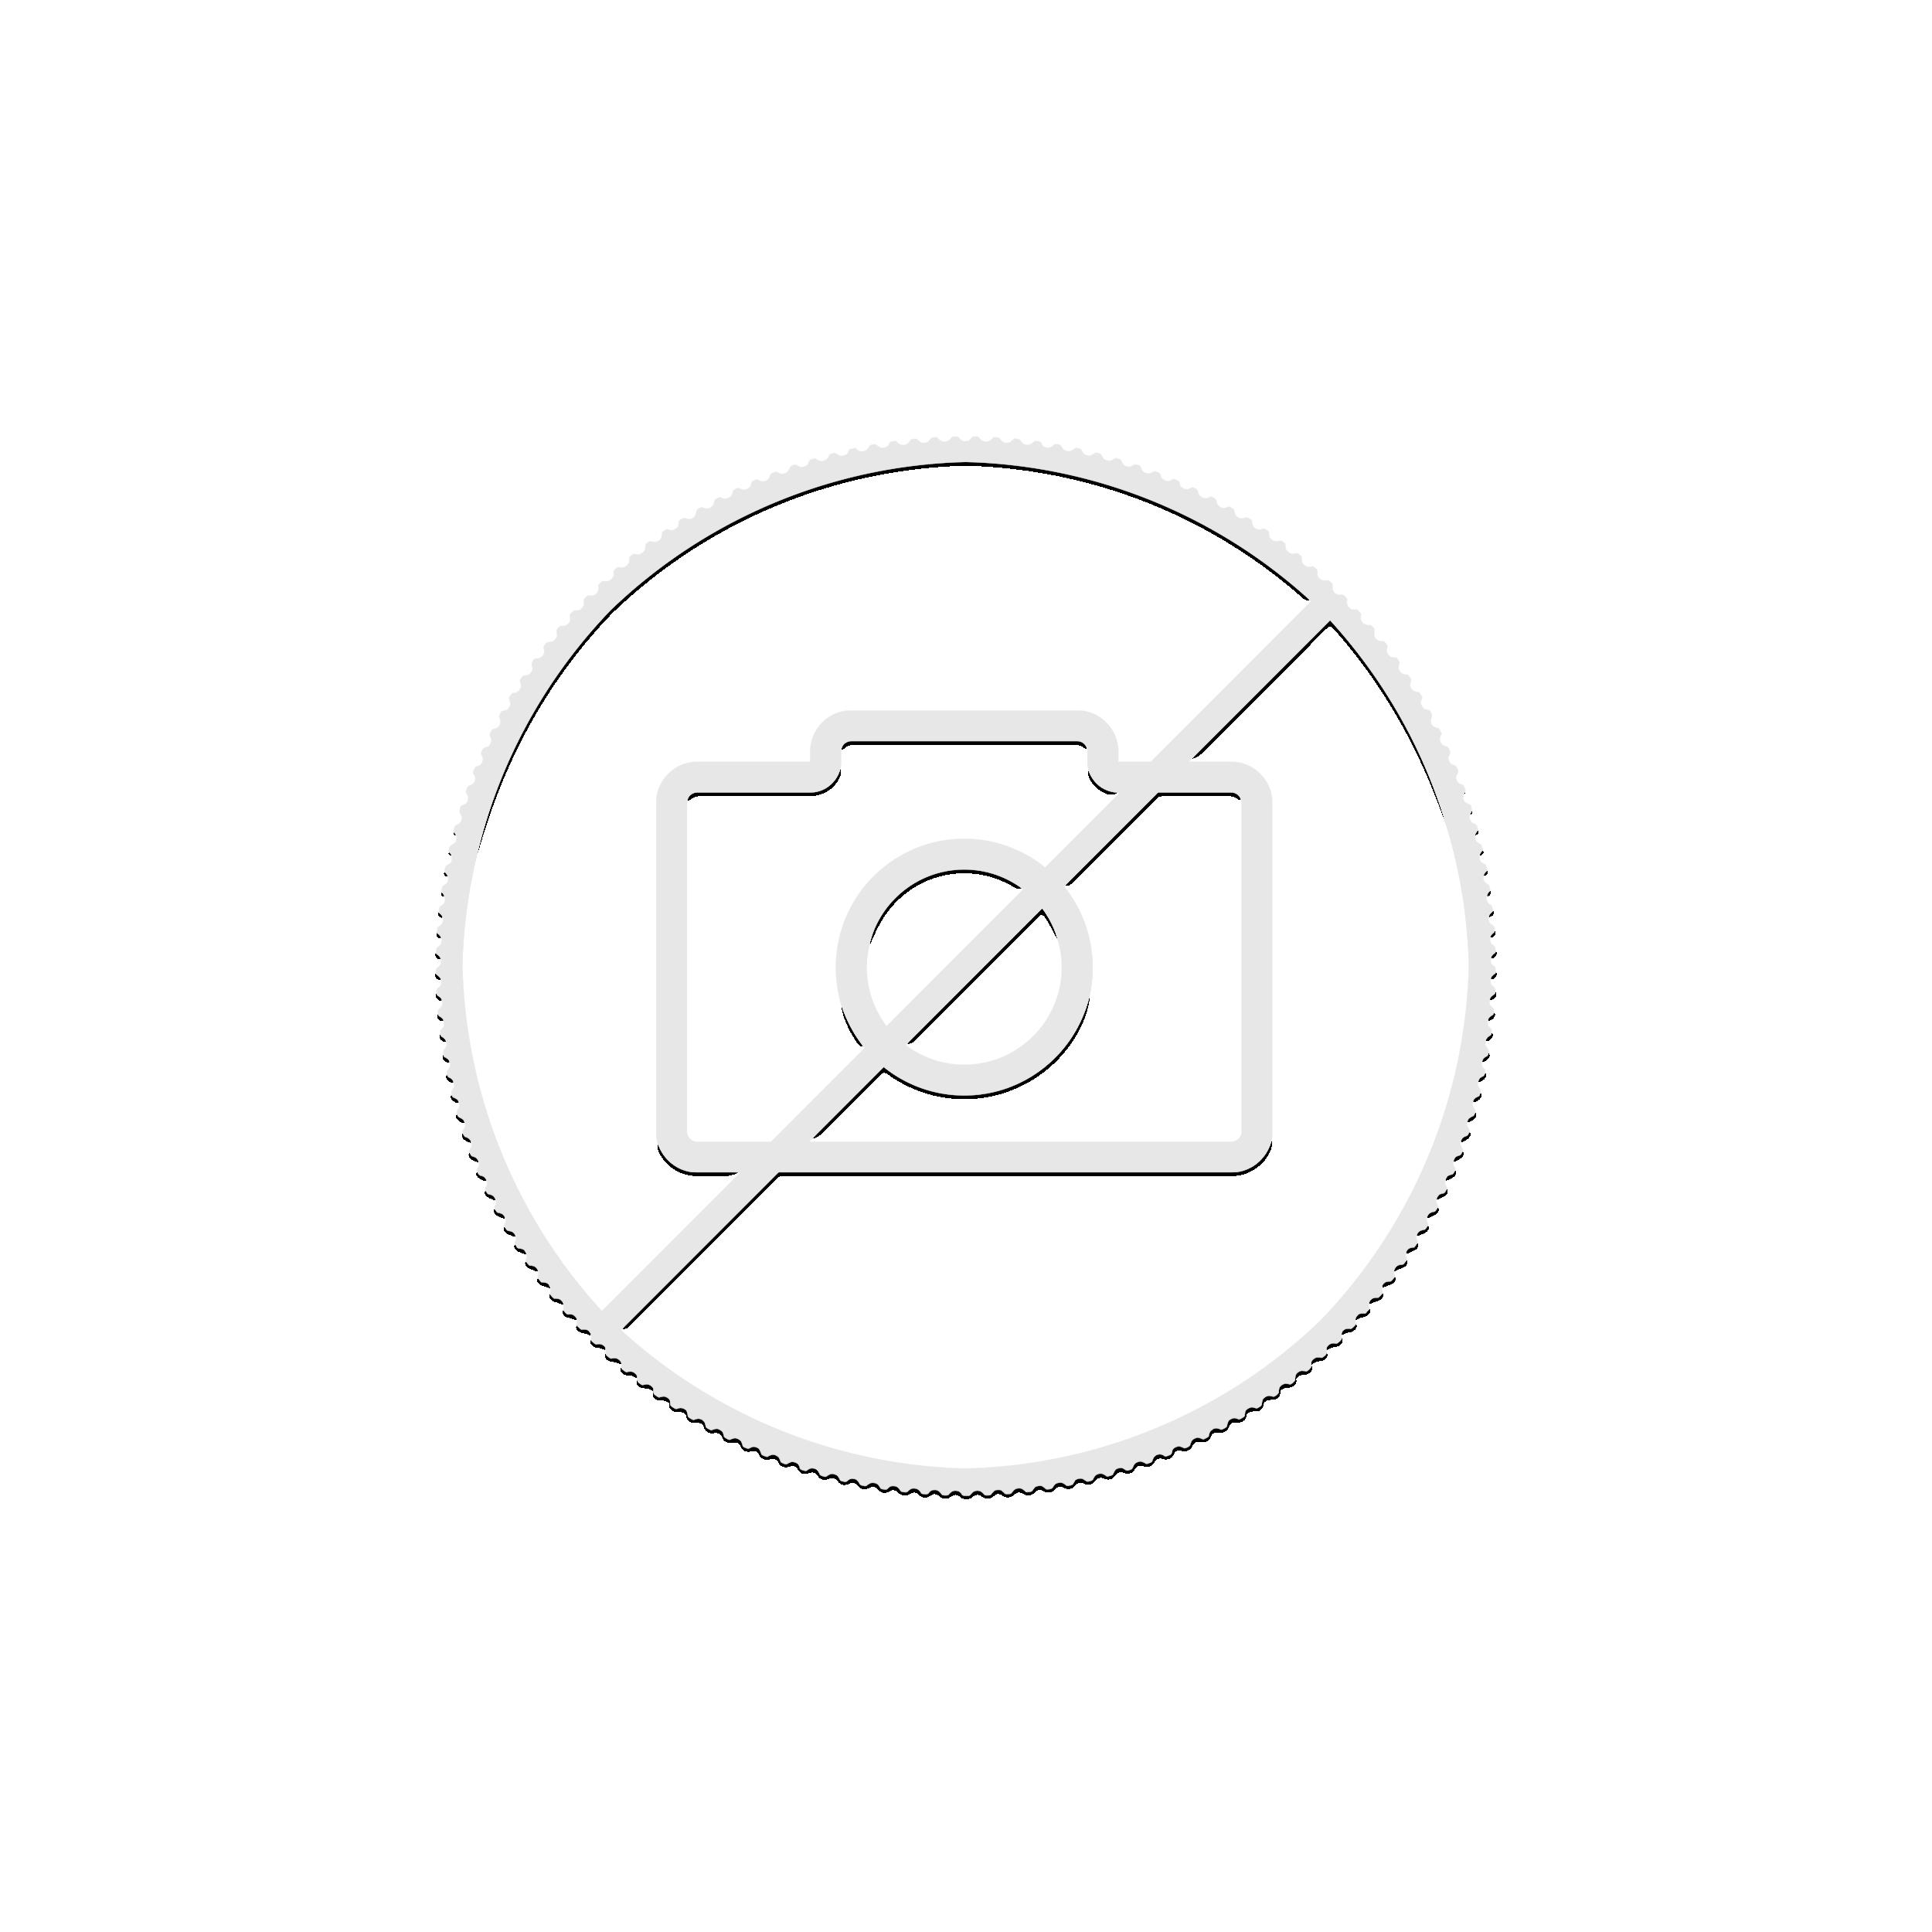 10 Troy ounce silver coin Kookaburra 2020 - back